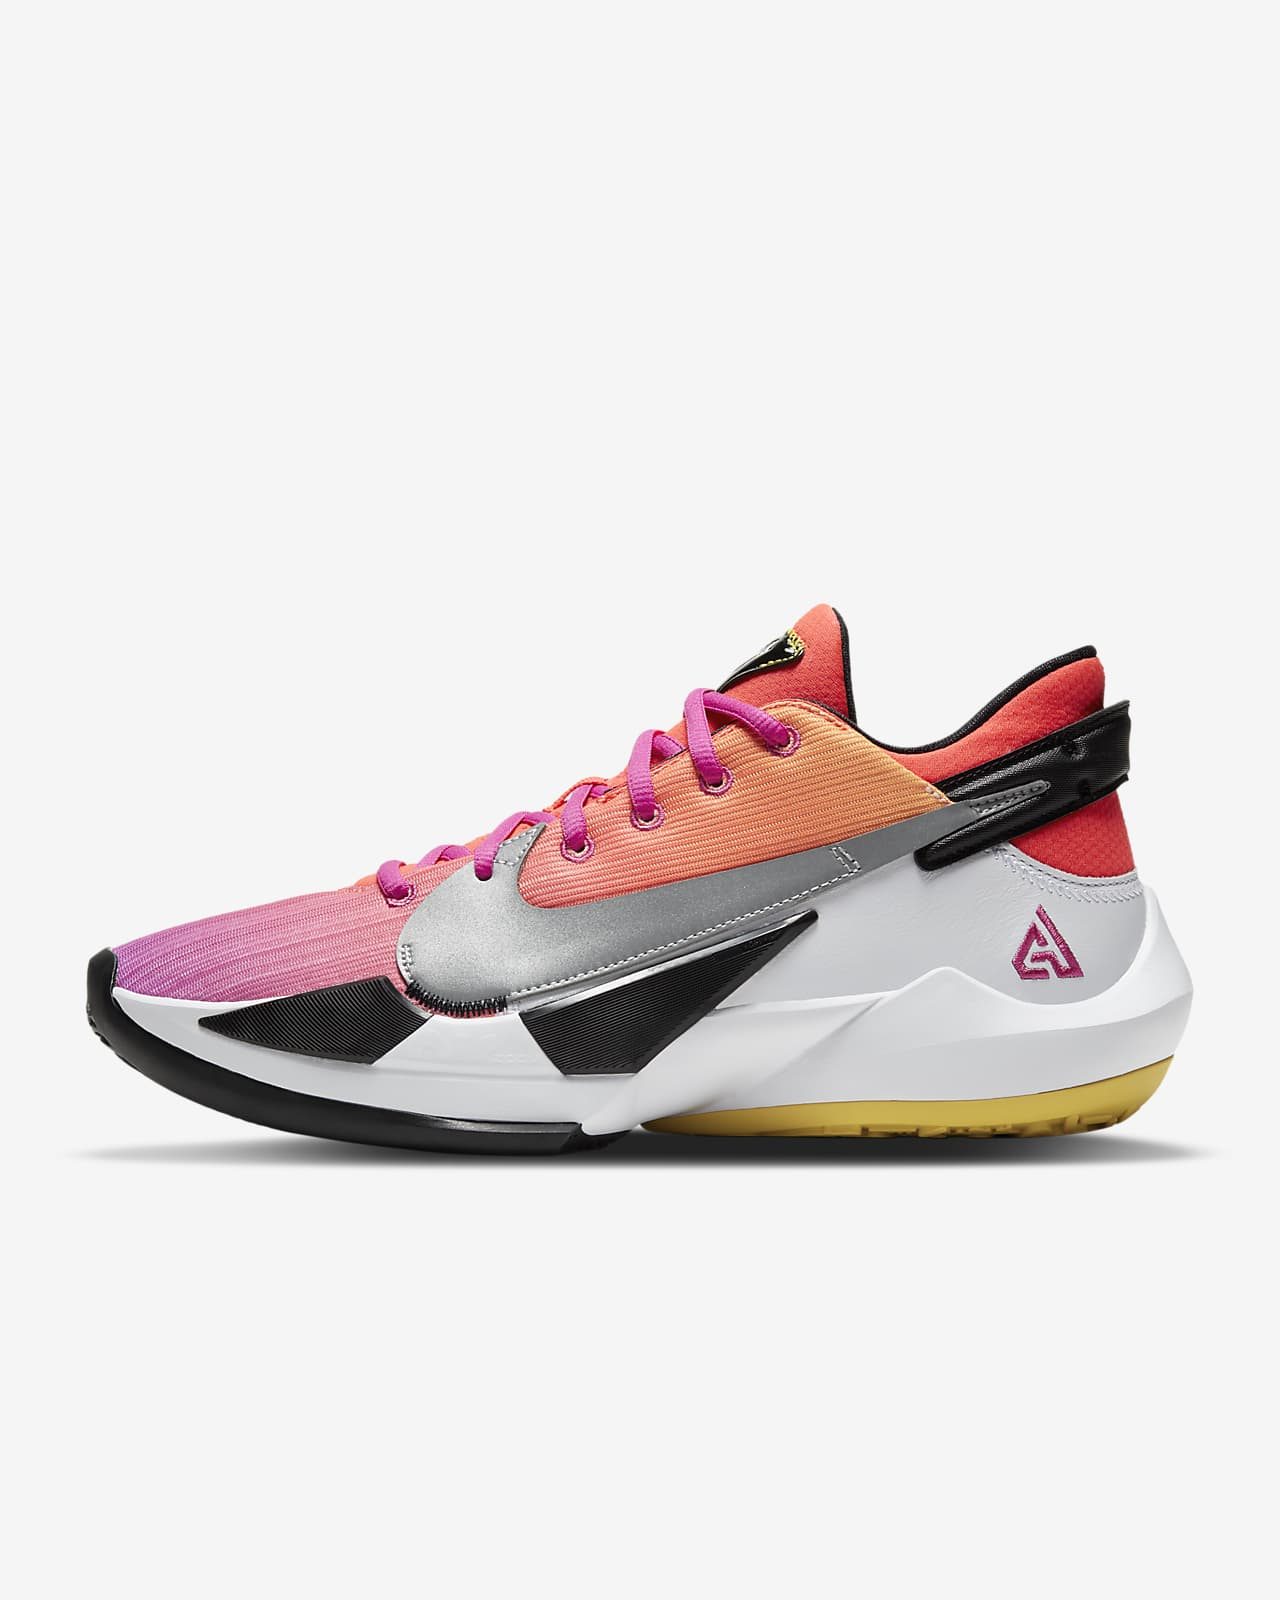 รองเท้าบาสเก็ตบอล Zoom Freak 2